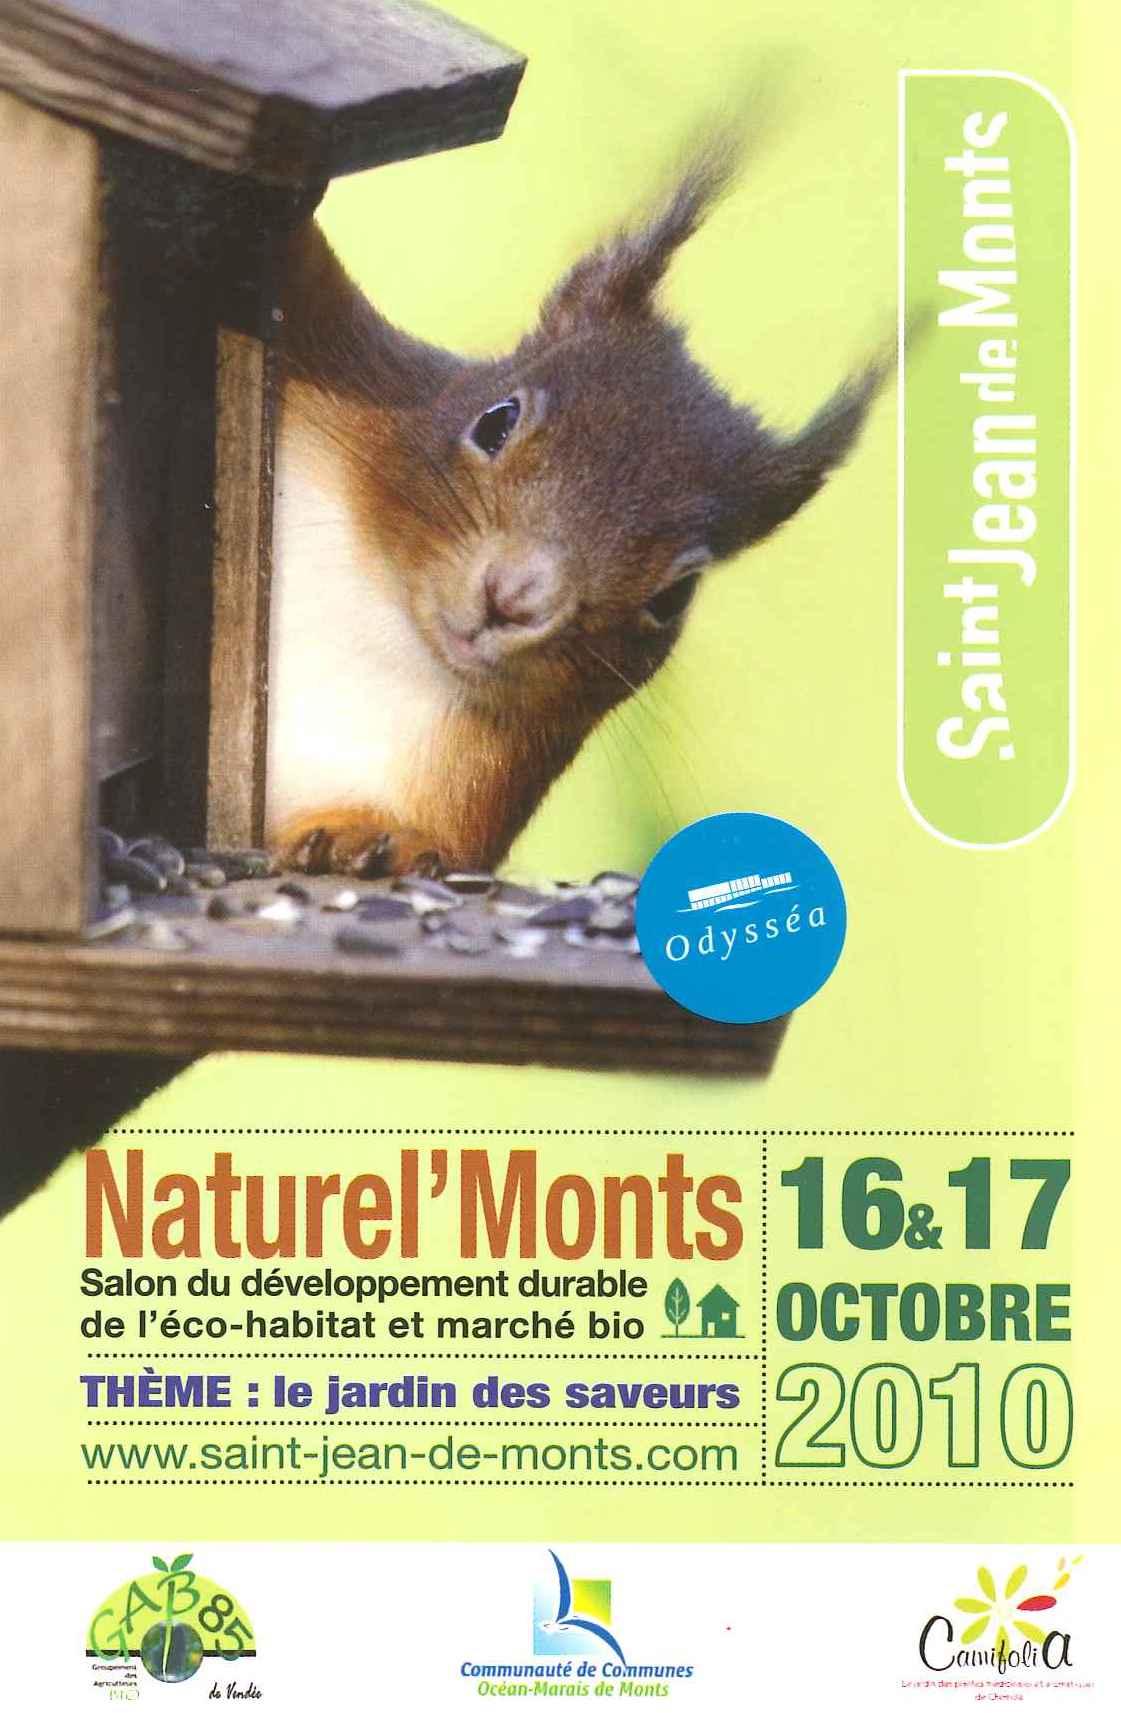 Salon Naturel'Monts